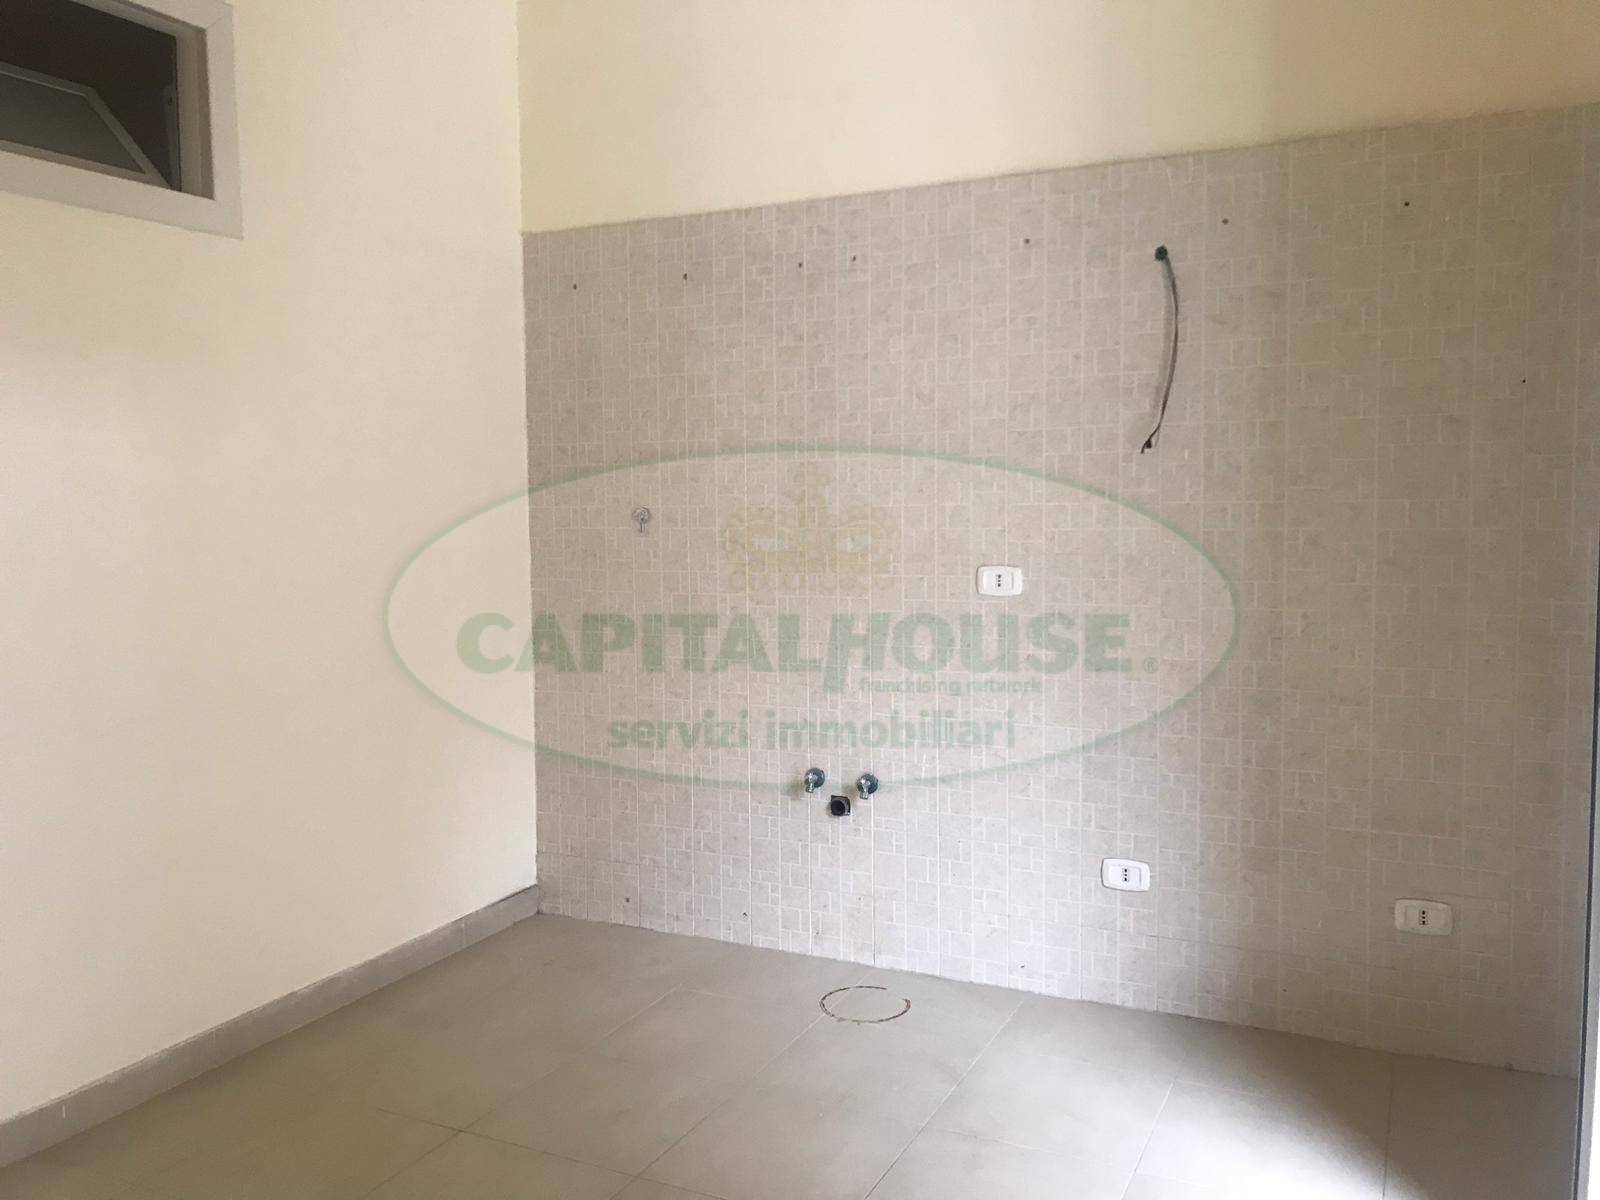 Appartamento in affitto a Afragola, 2 locali, zona Località: ViaDeGasperi, prezzo € 320   CambioCasa.it